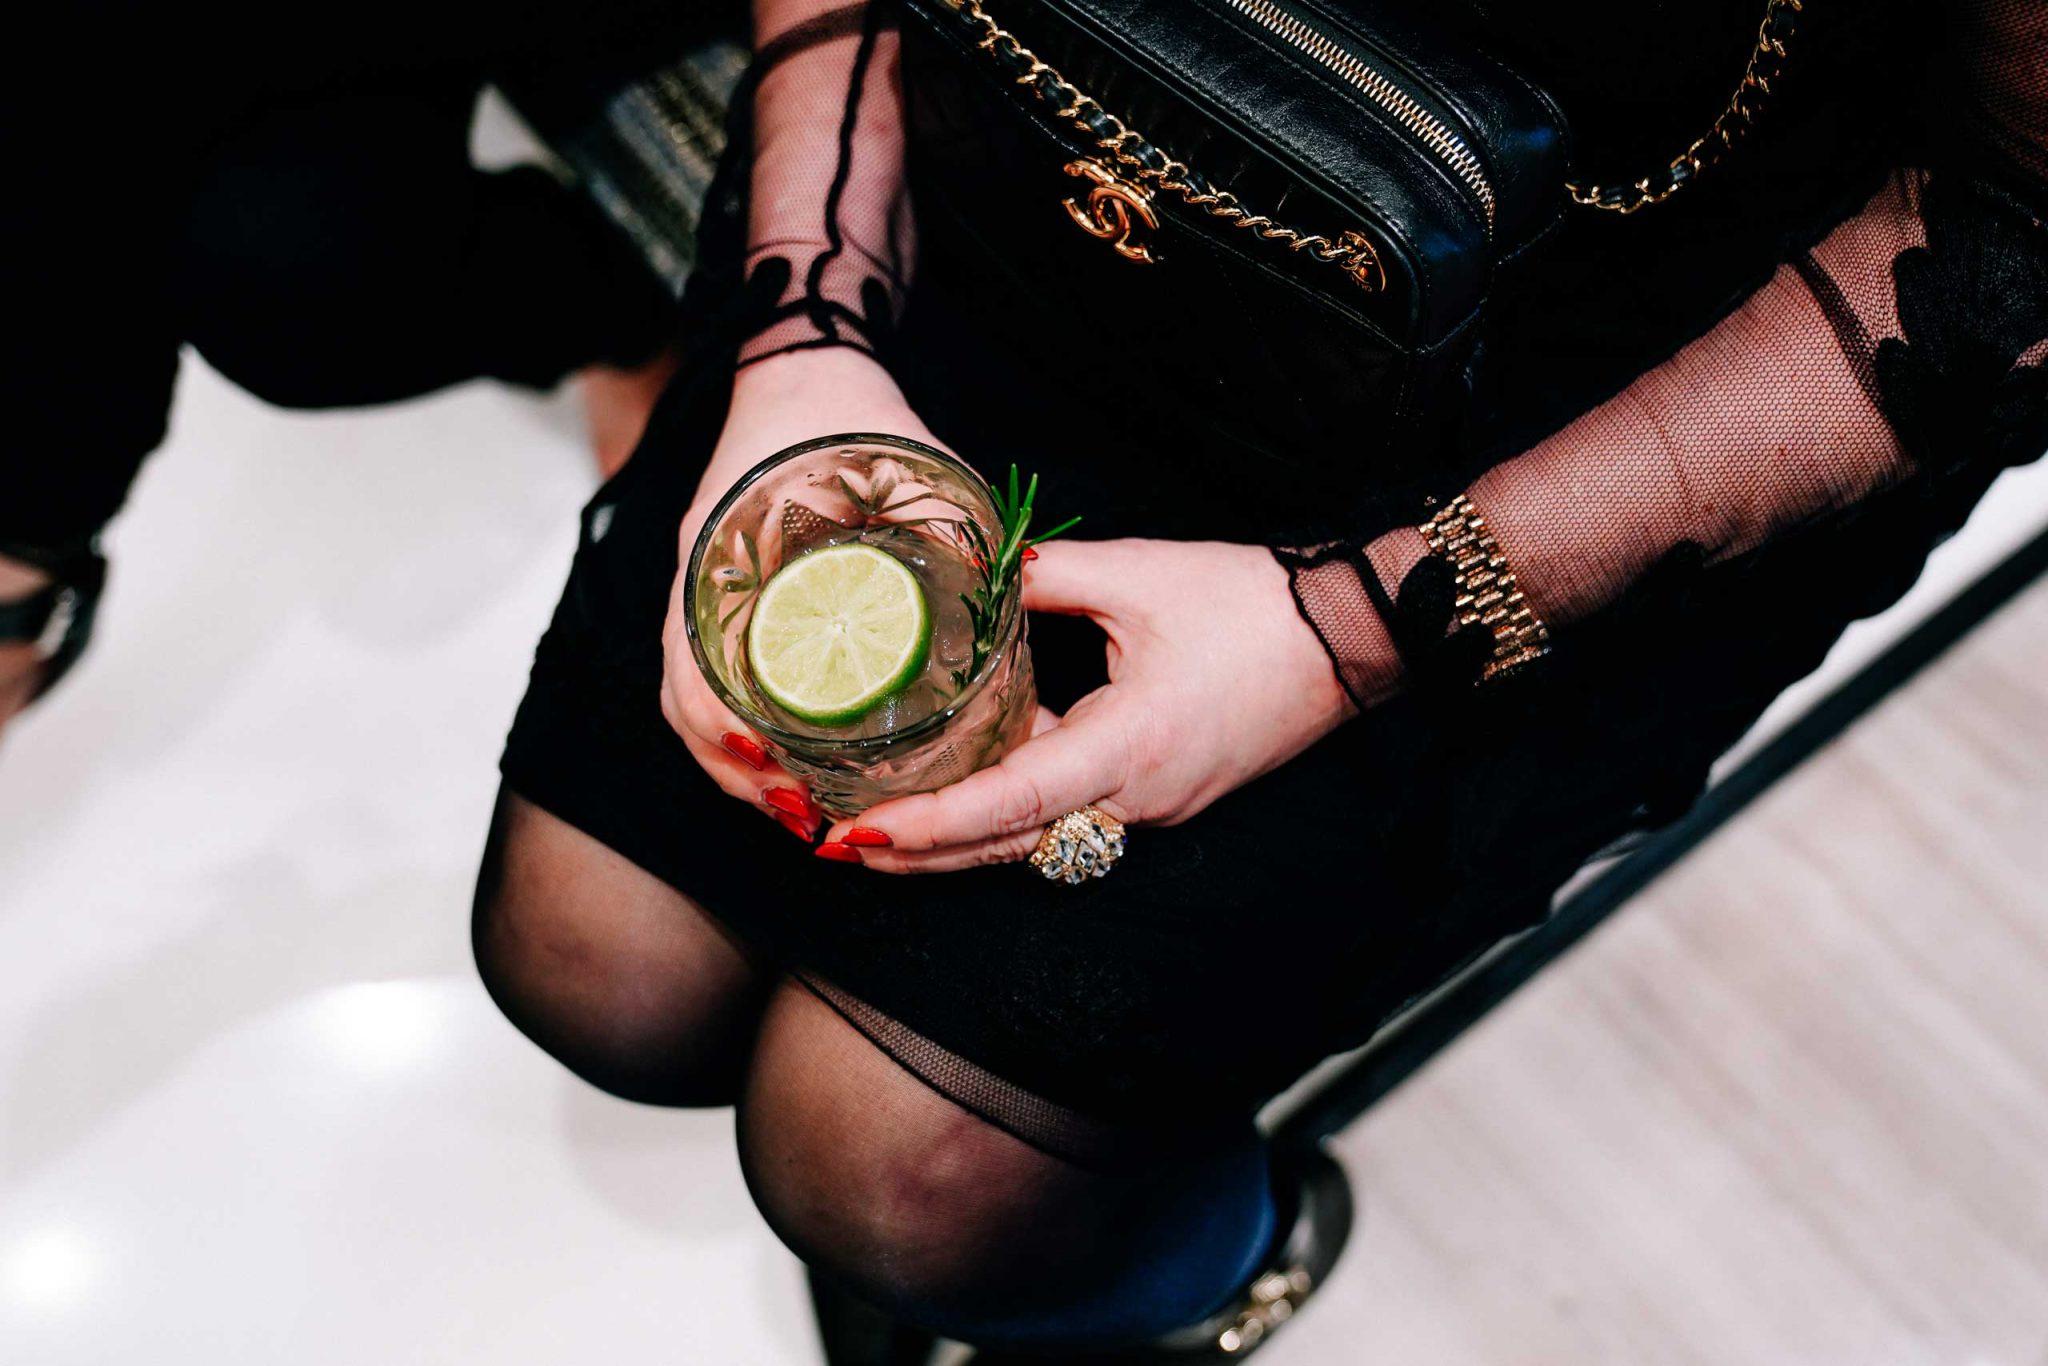 Chanel_Boutique_Cocktail_event_Ilsoo_van_Dijk_07122019-01208